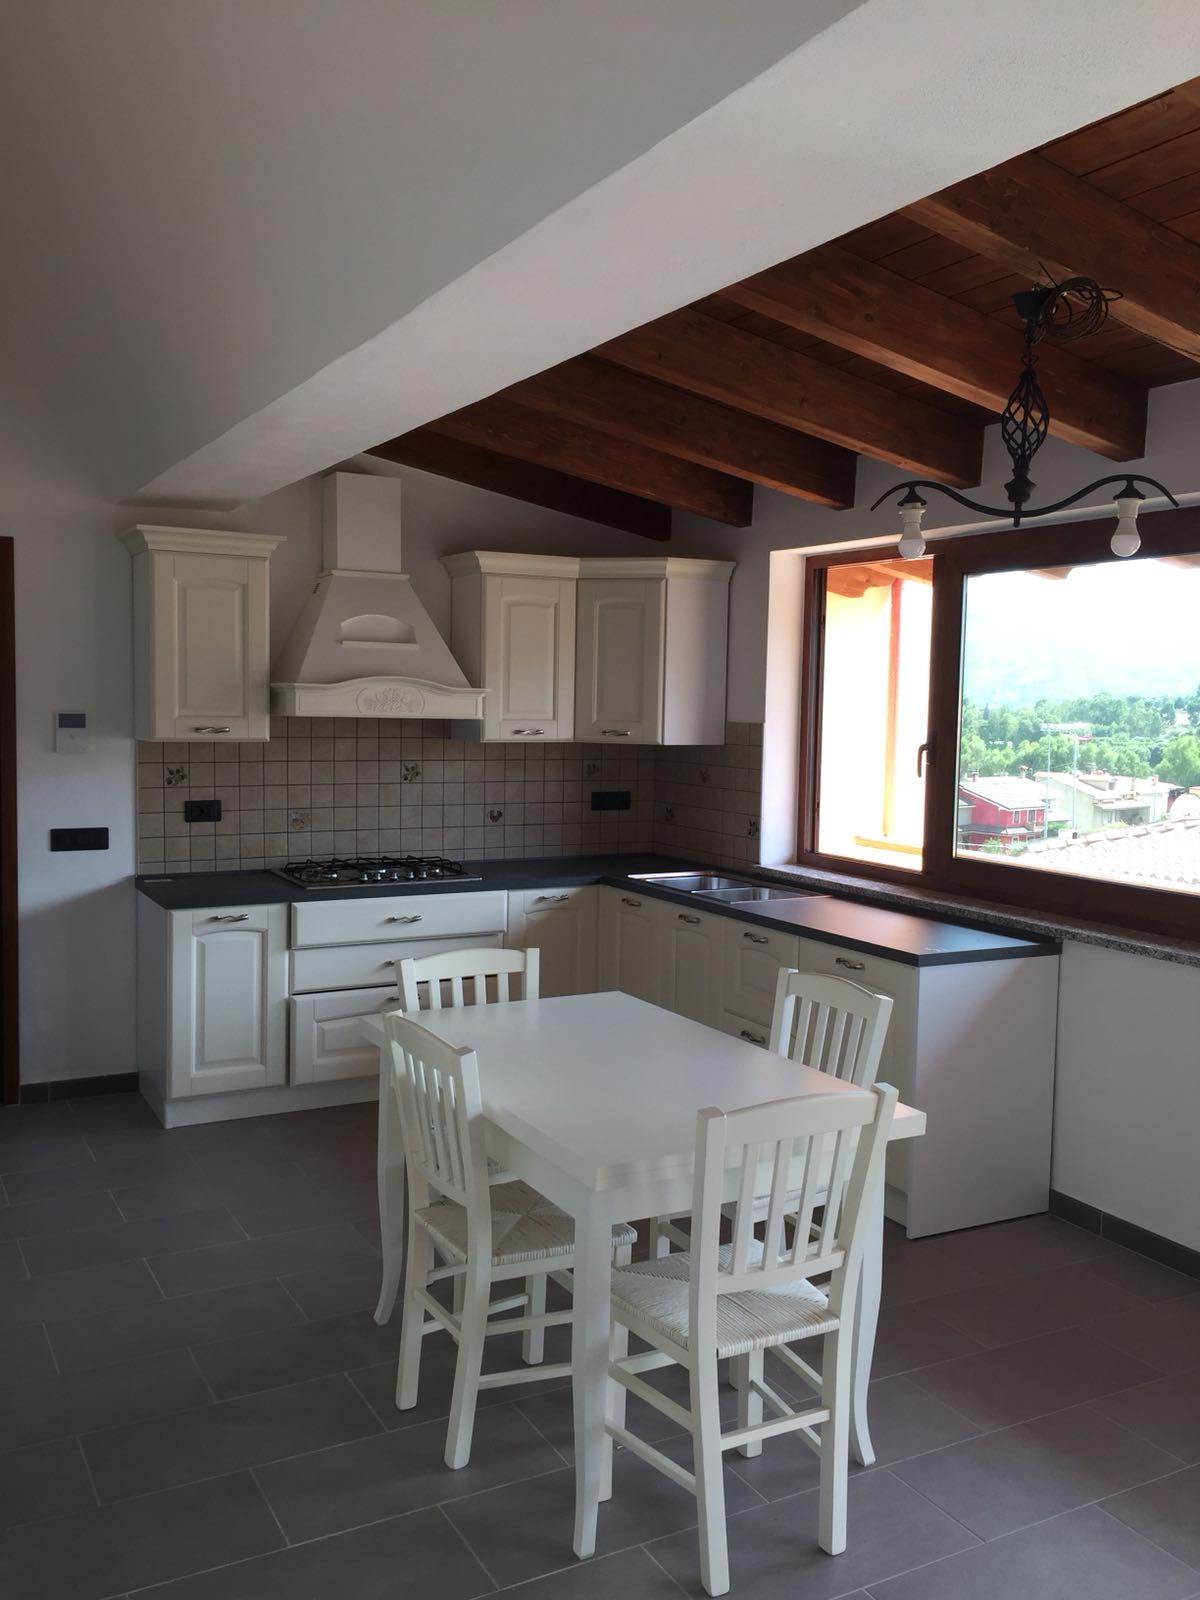 Cucine Cagliari Arredi 2000 0713 WA0004